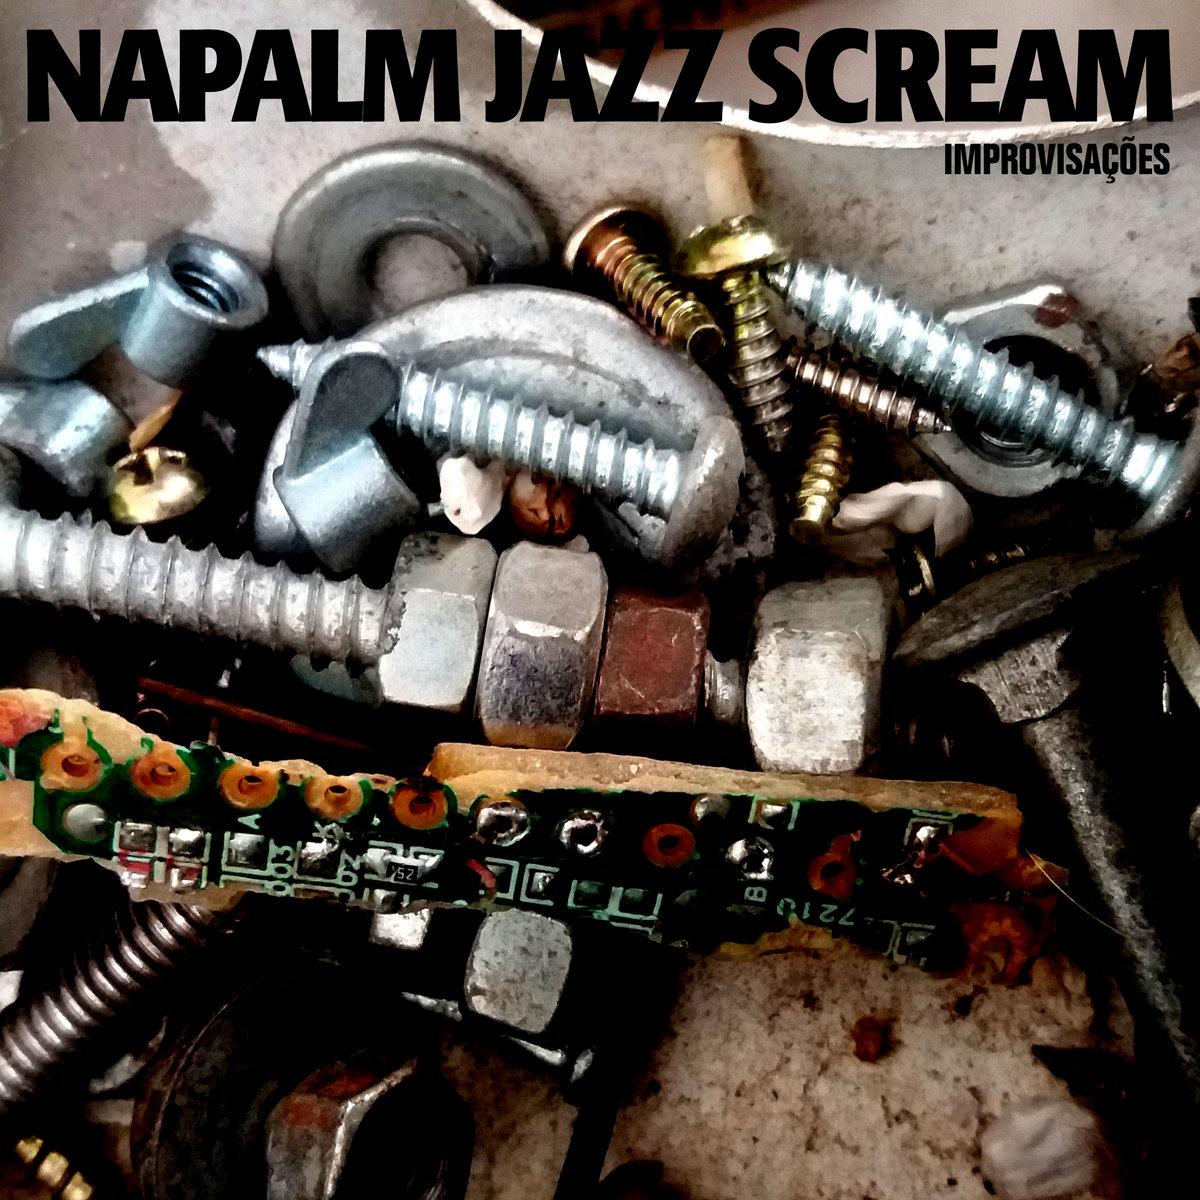 Napalm Jazz Scream – Improvisações